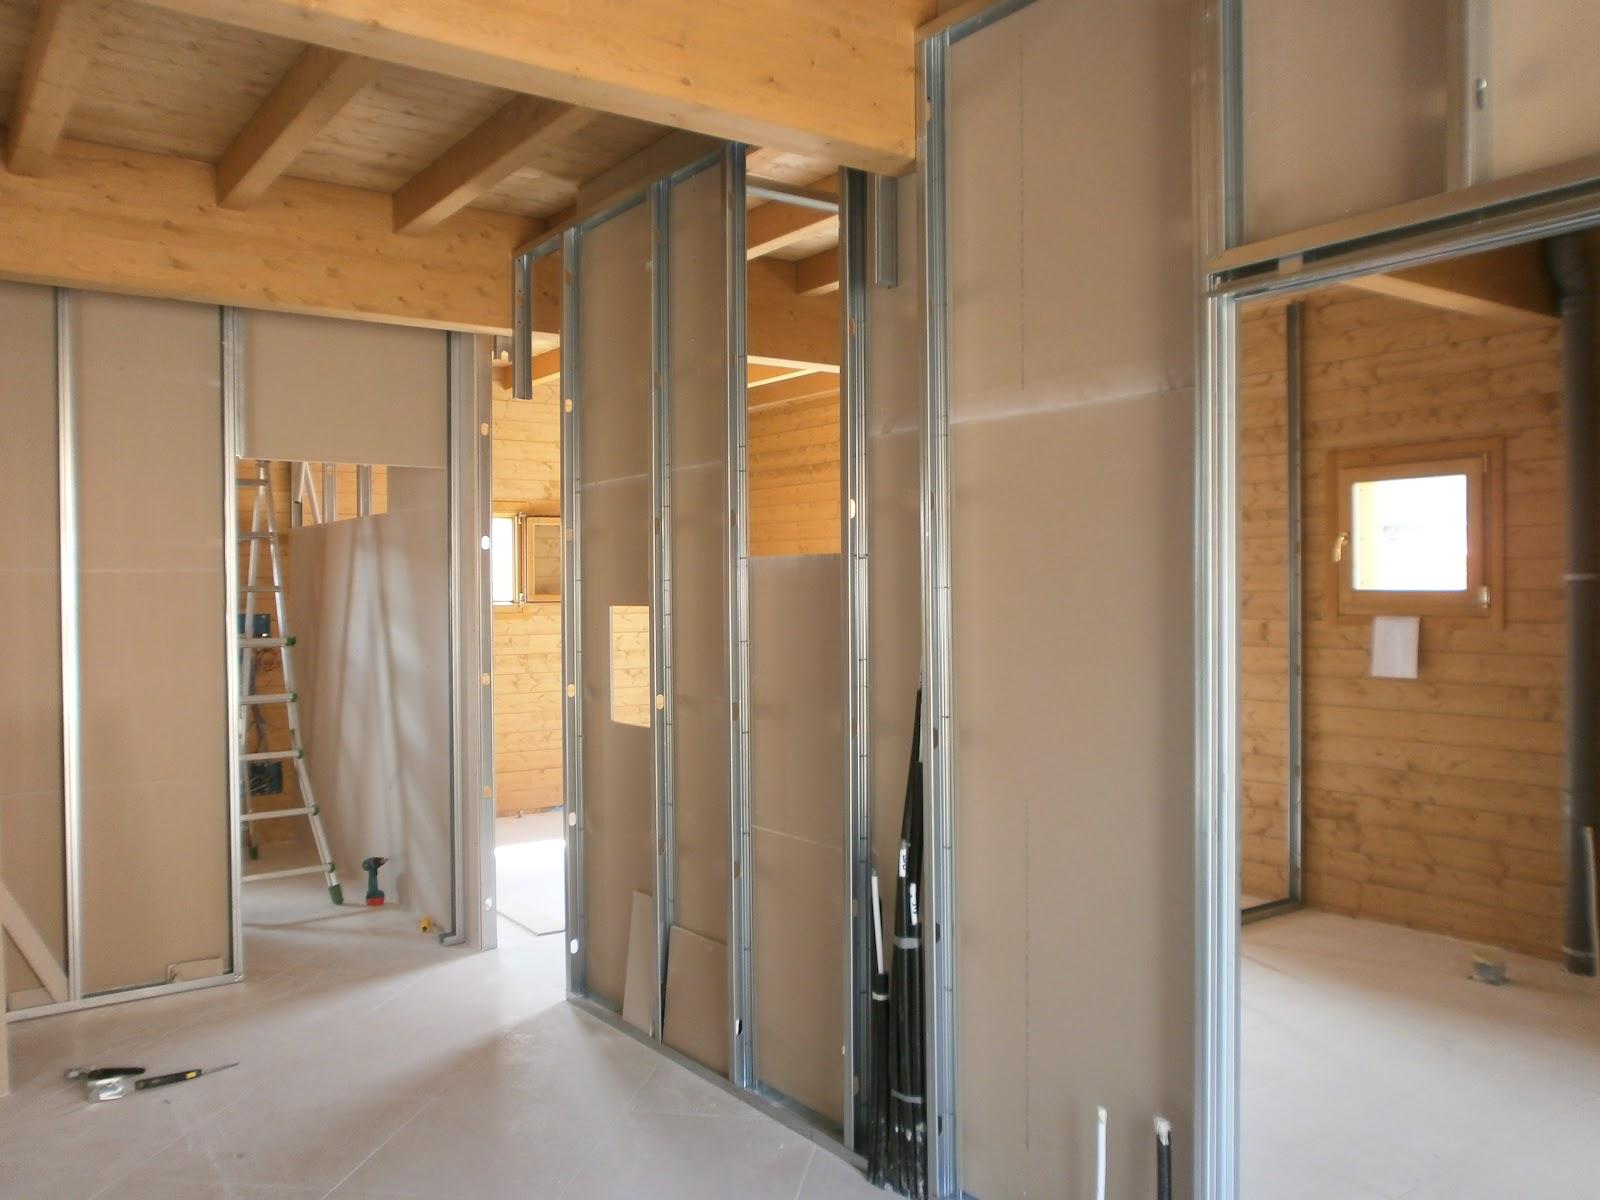 La nuova sede della banda di fognano pareti in cartongesso for Immagini di pareti in cartongesso